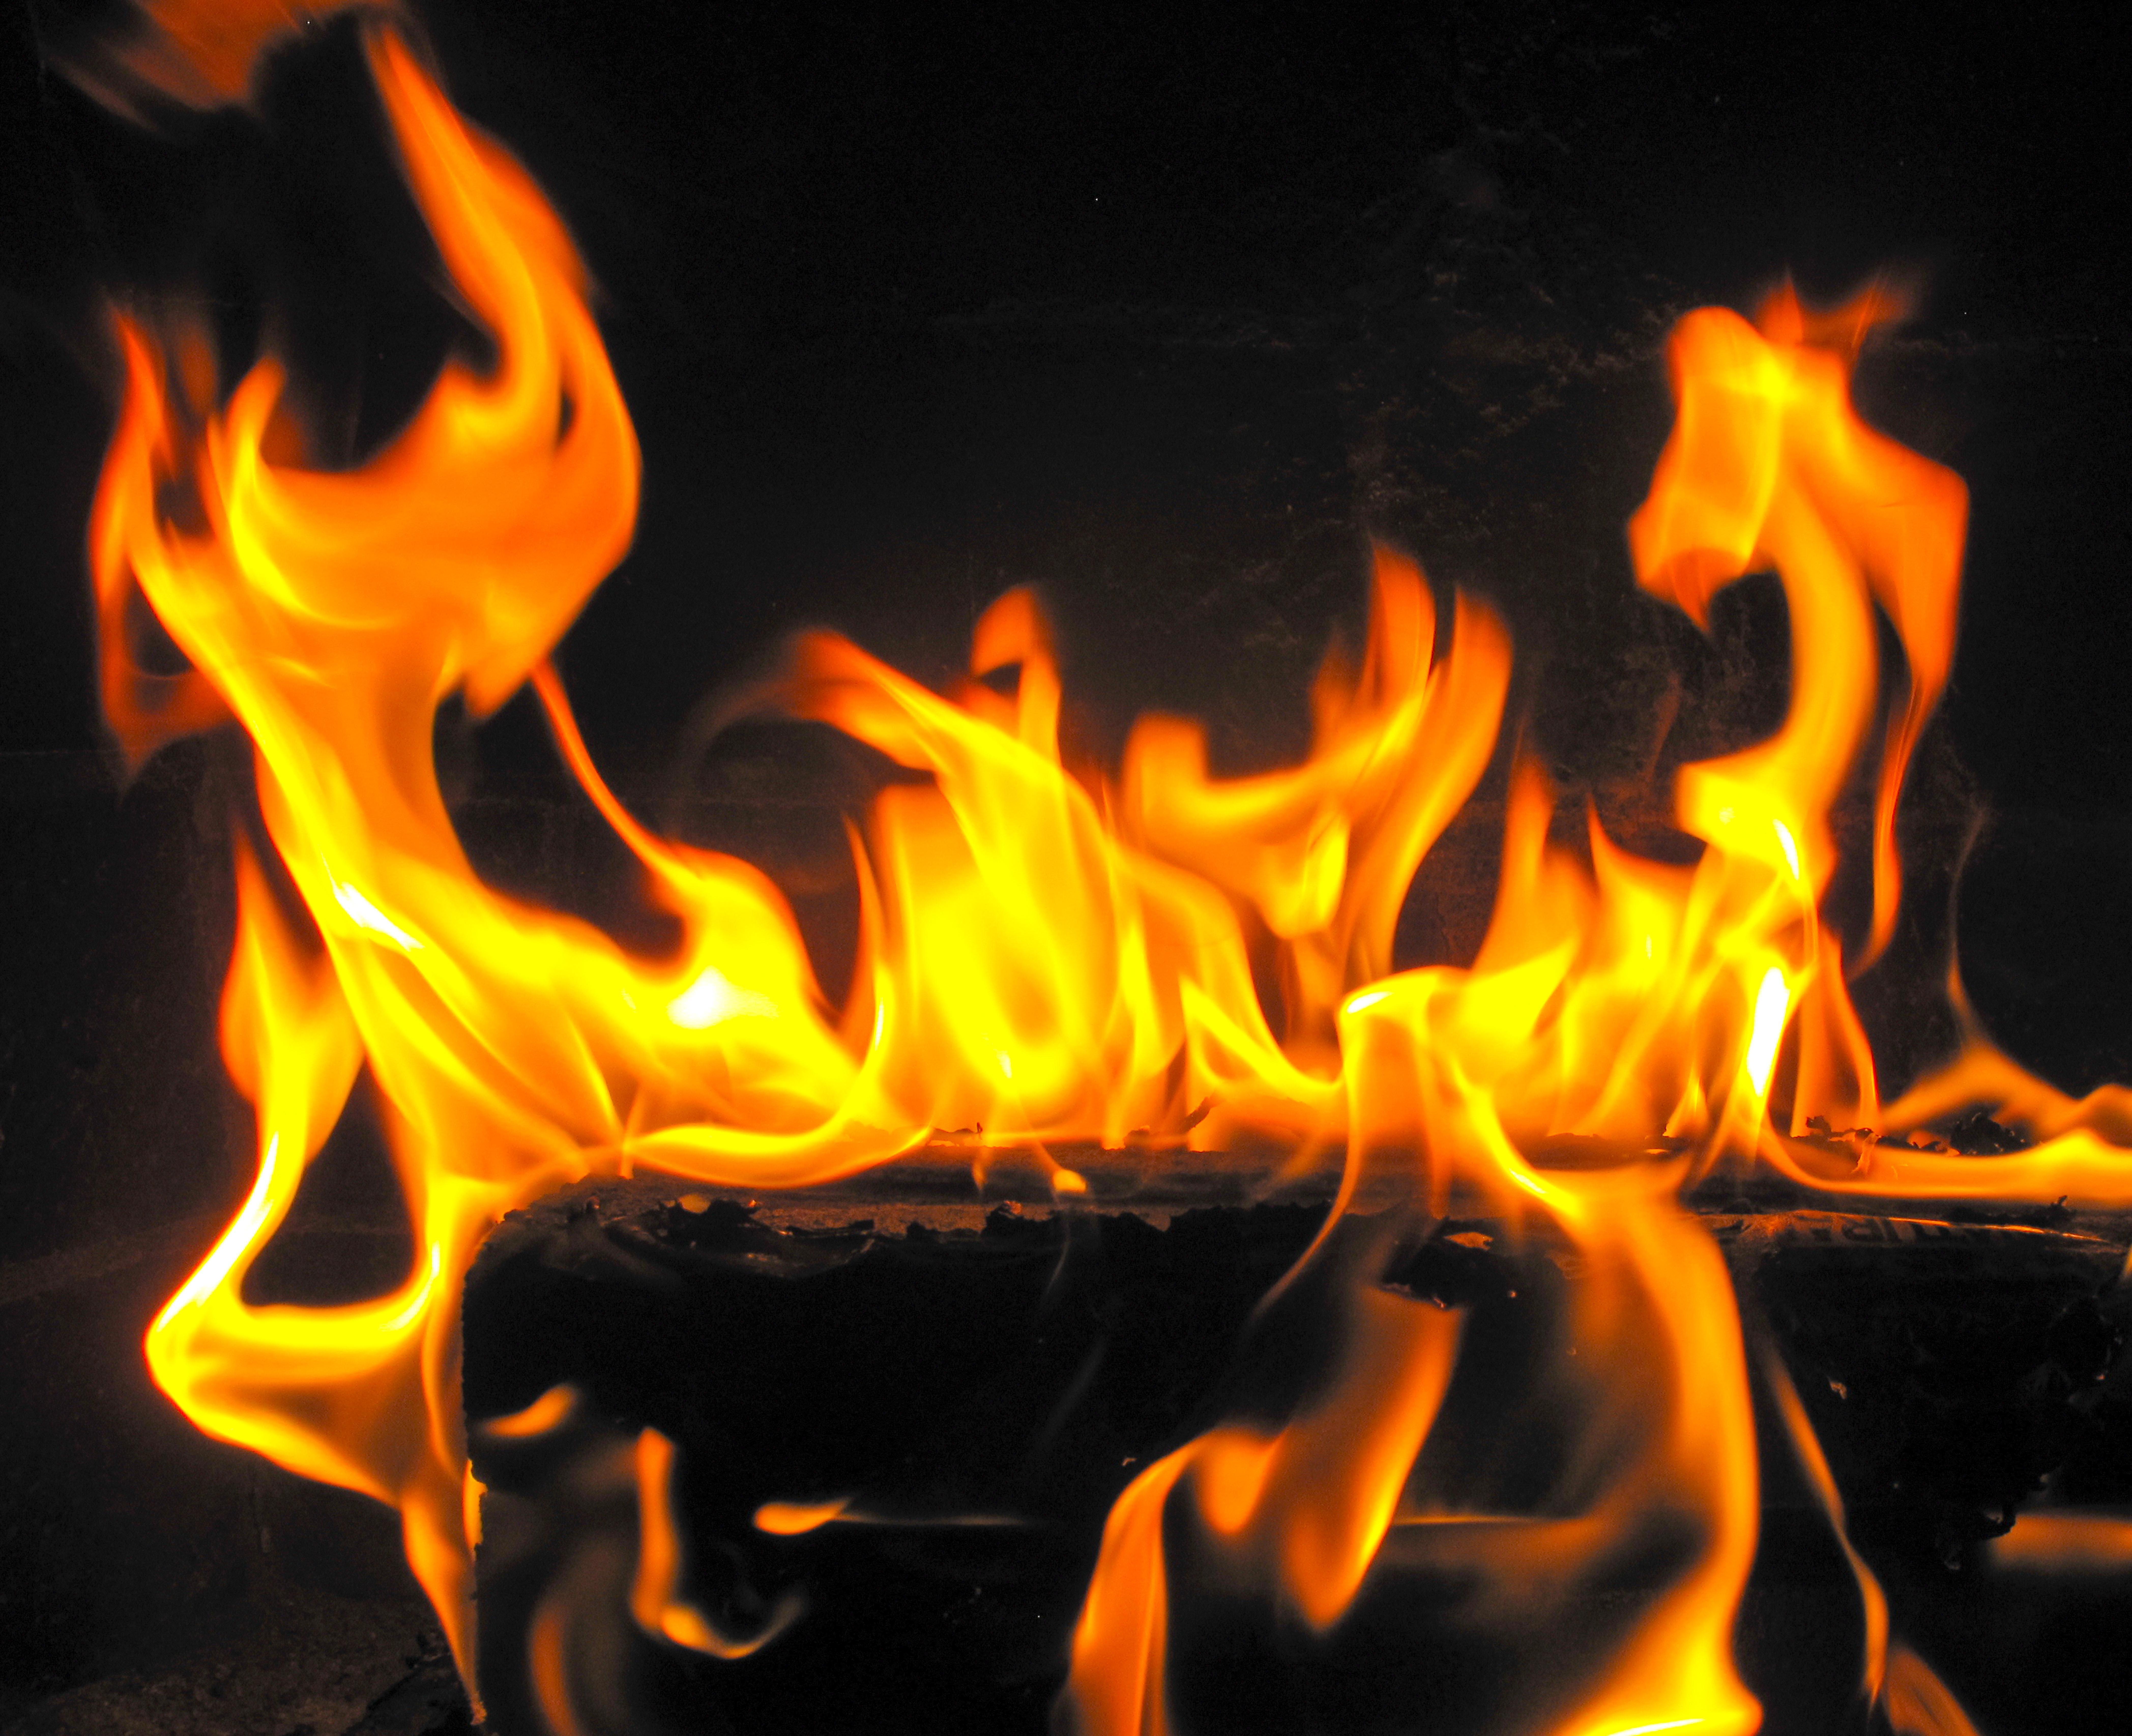 Show de fuego en zorrilandia en el seb - 1 4